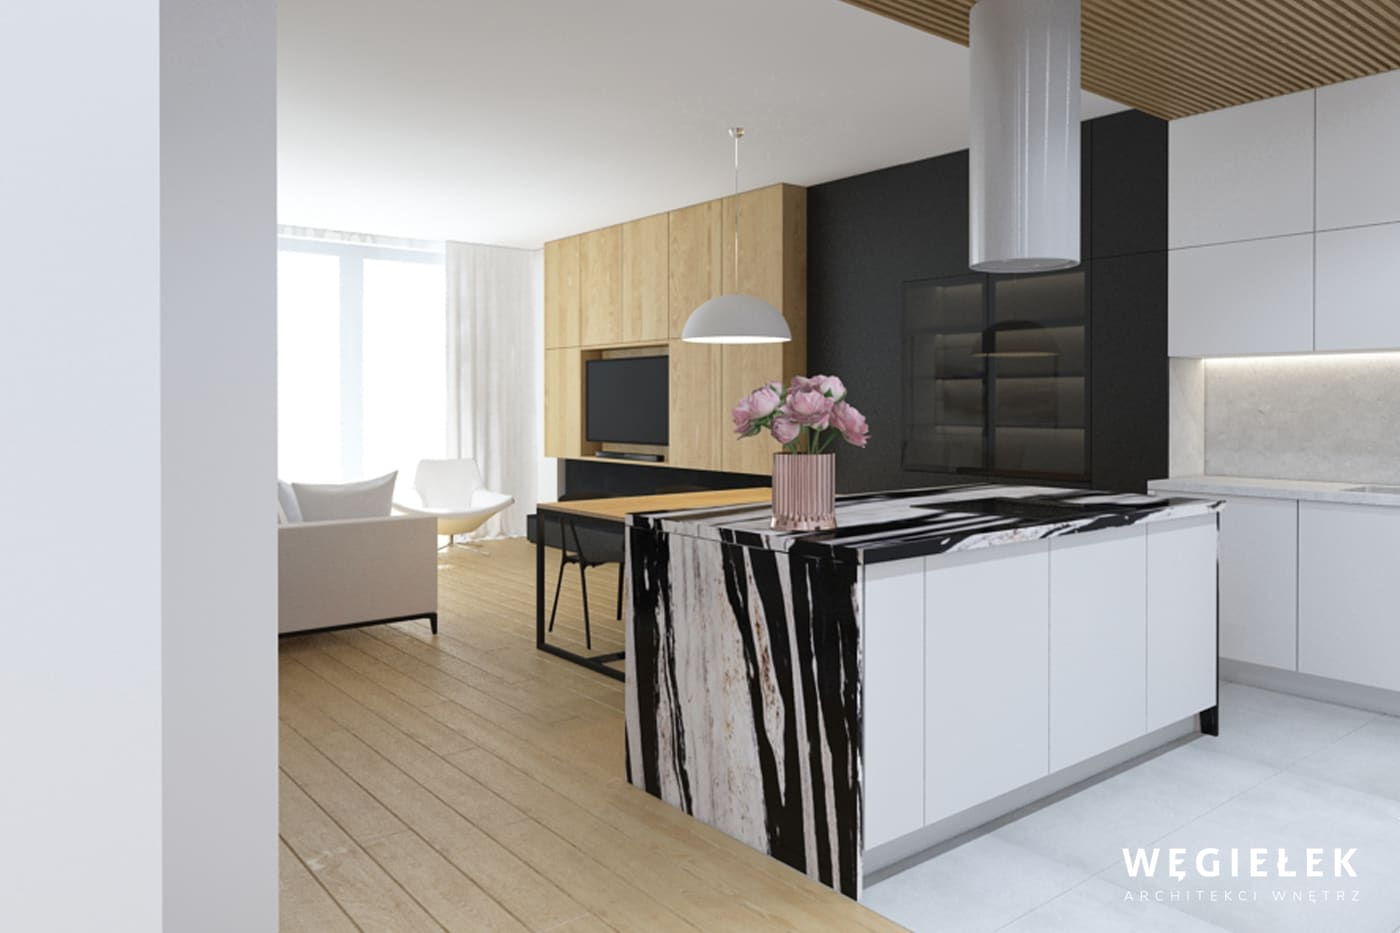 Architekci wnętrz domów z Warszawy tym razem stawiają na przykuwający uwagę detal. Jest nim blat wyspy oddzielającej kuchnię od salonu, przypomina zebrę.